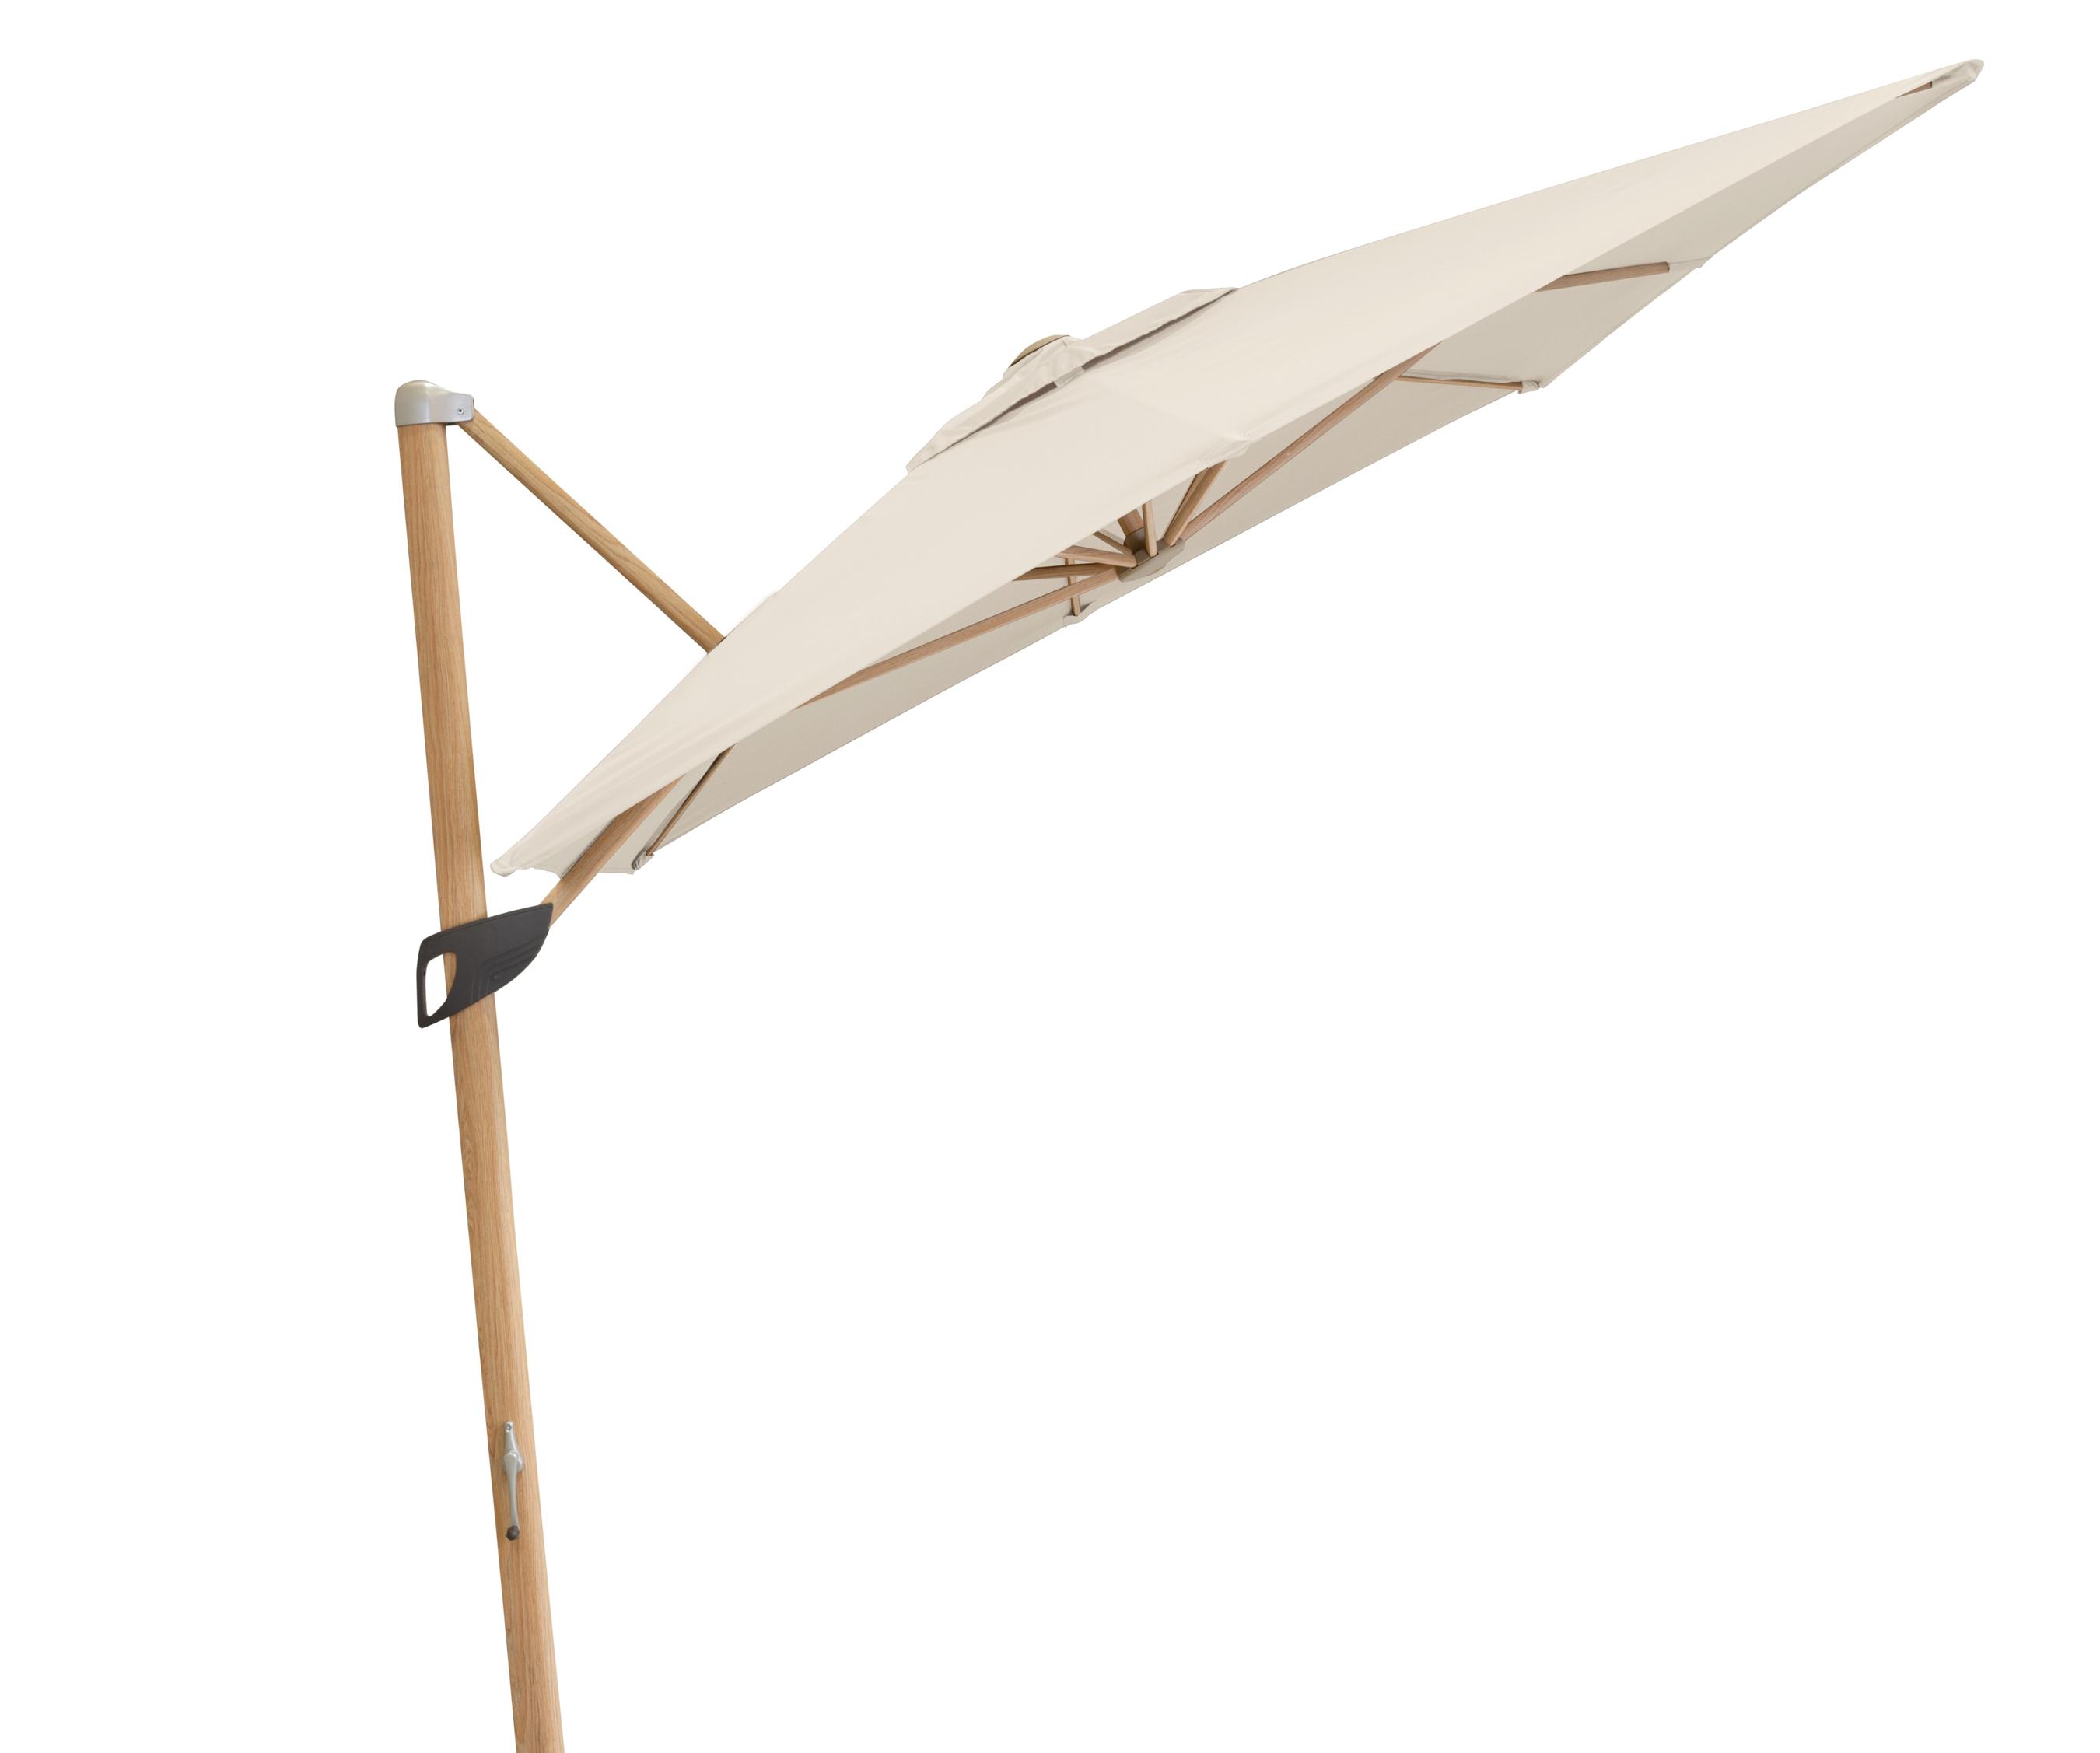 Doppler Pendelschirm Alu Wood 300x220cm Esche-Optik D. 820 natur Bild 5